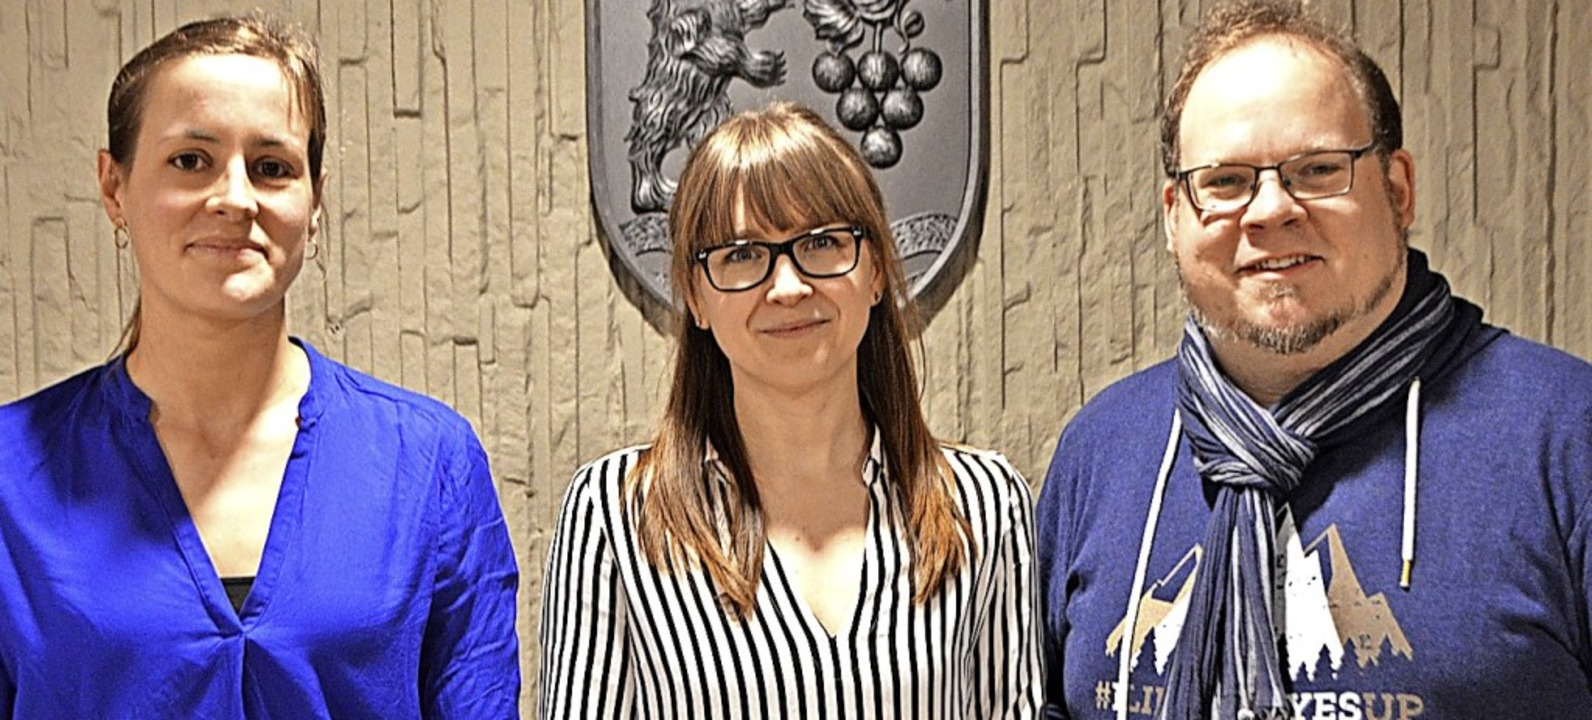 Schulsozialarbeiter Ninon Rößler (Lind...und Wolfgang Hüttermann (Schulzentrum)  | Foto: Horatio Gollin